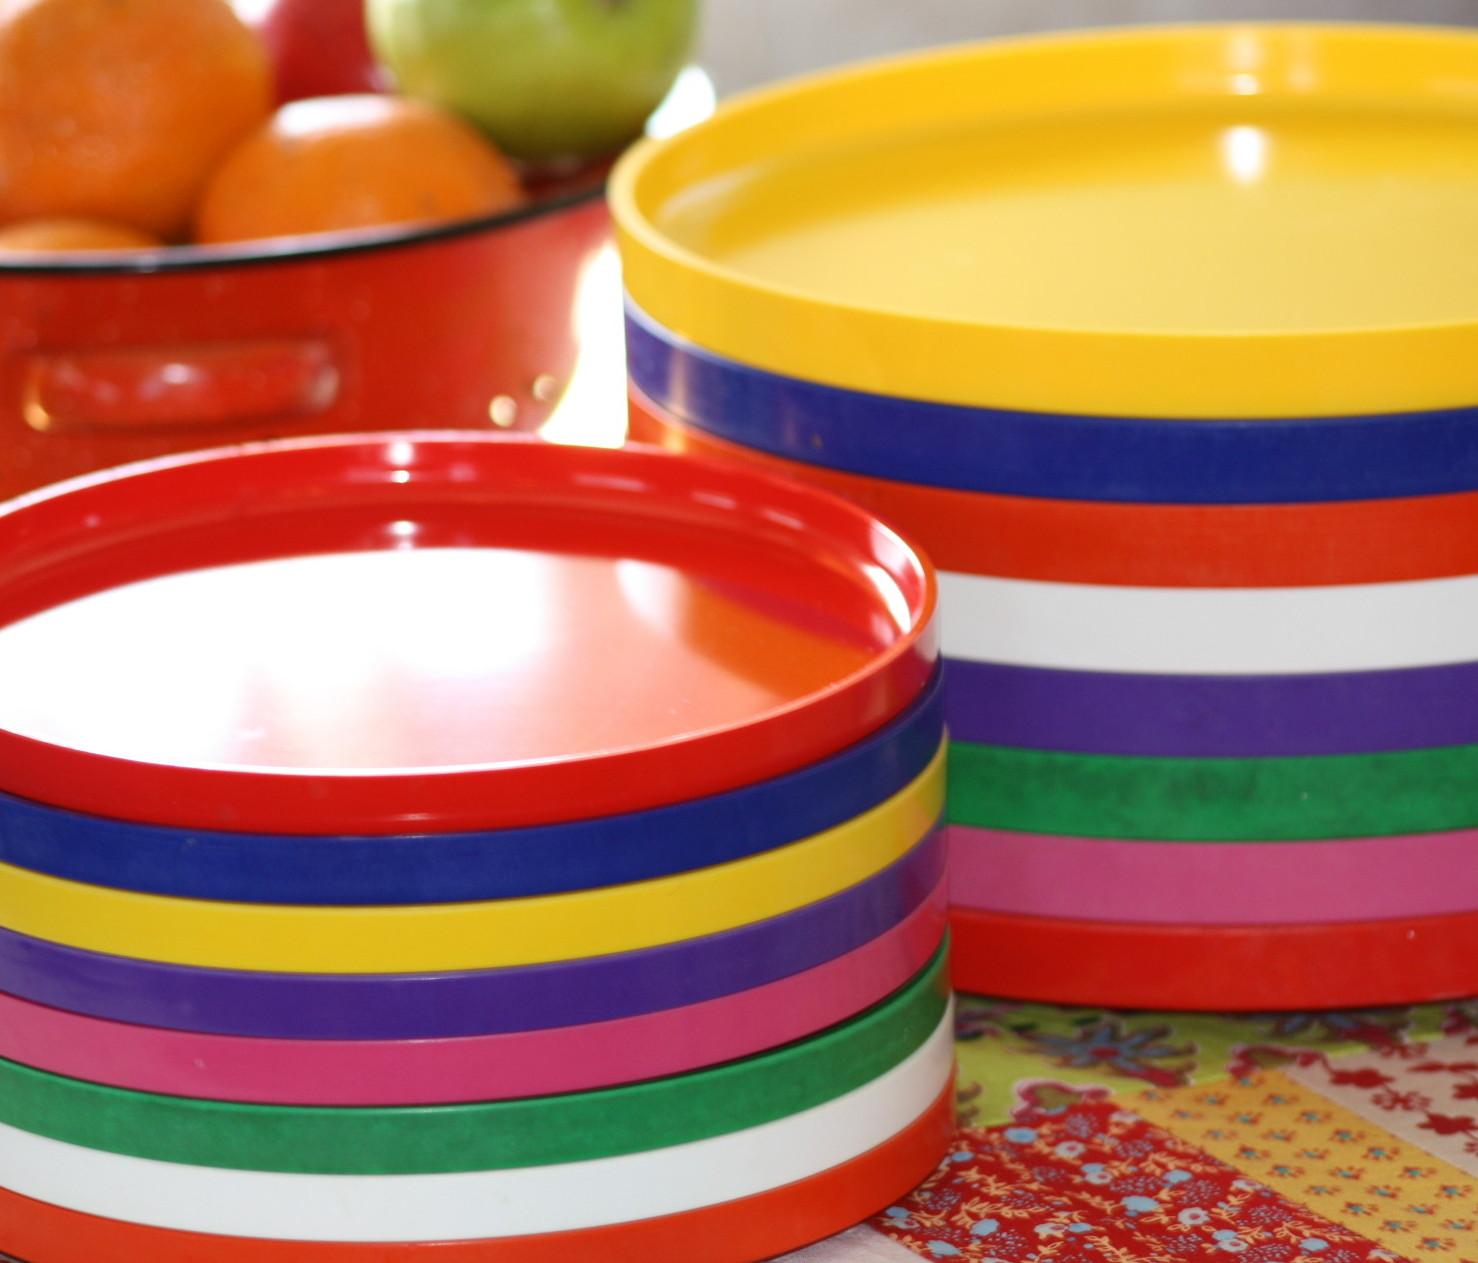 صور اطباق ملونة للتقديم 2016 اطباق سفرة (9)